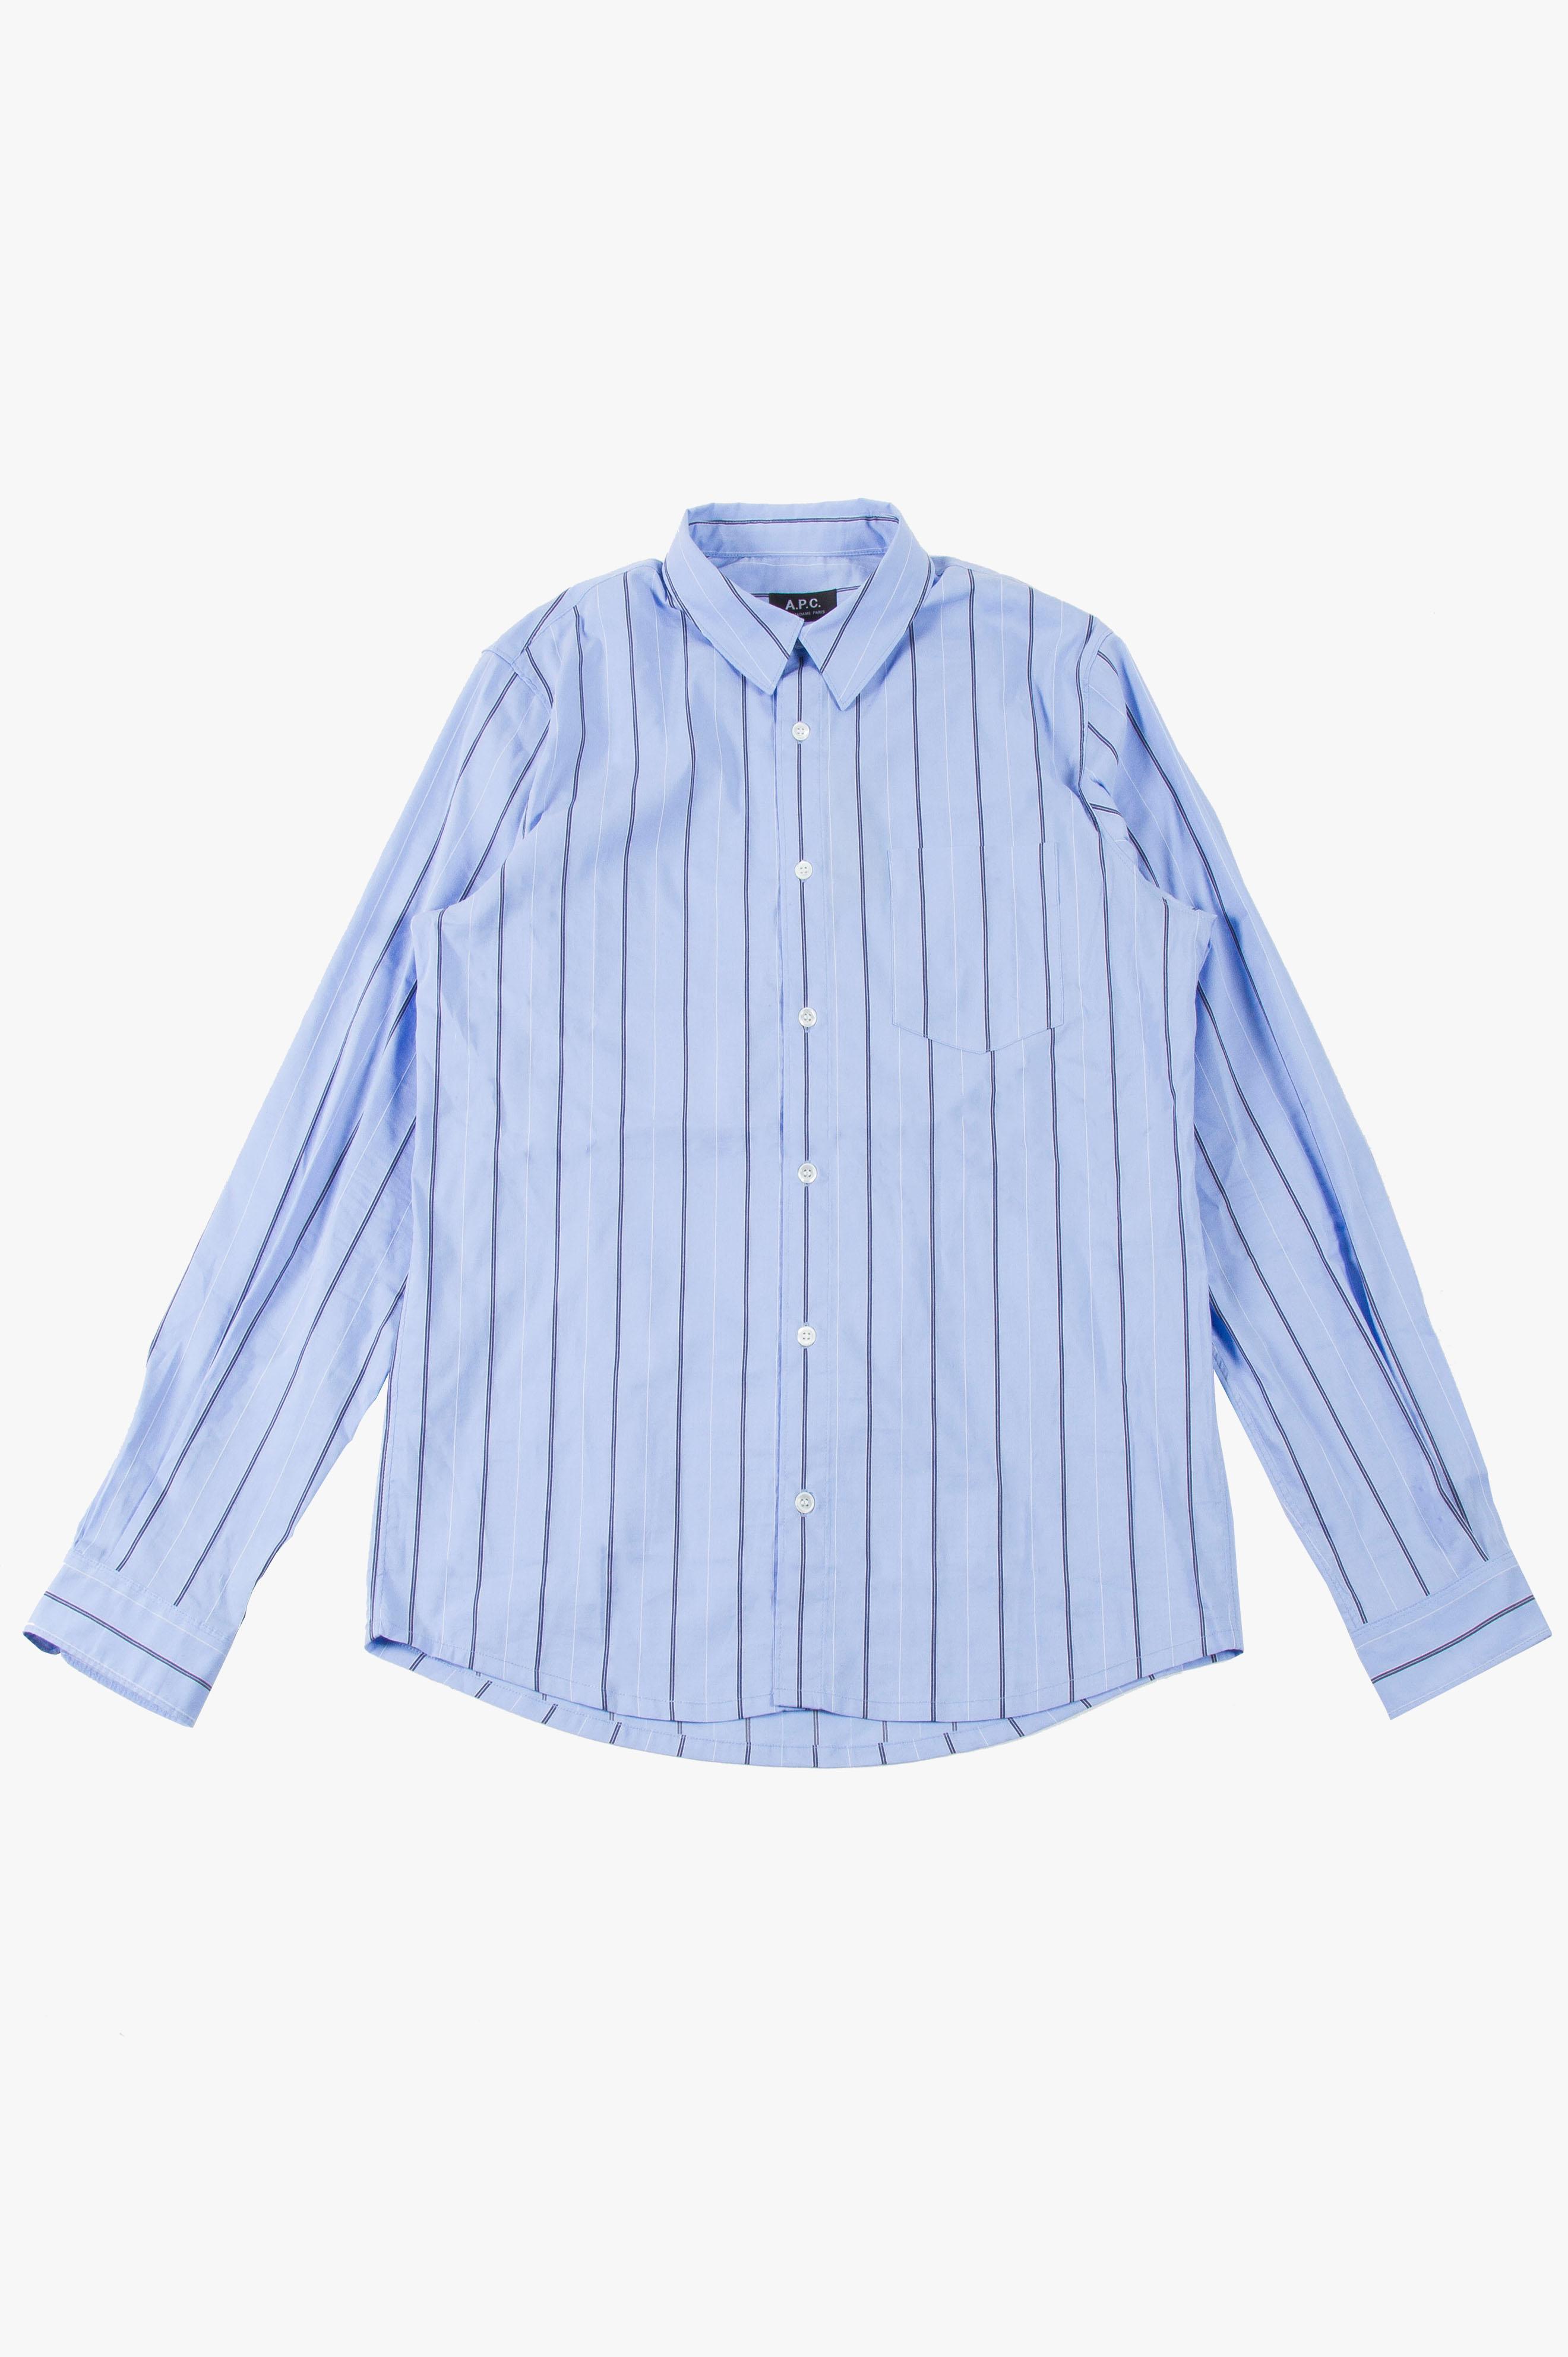 92 Shirt Blue